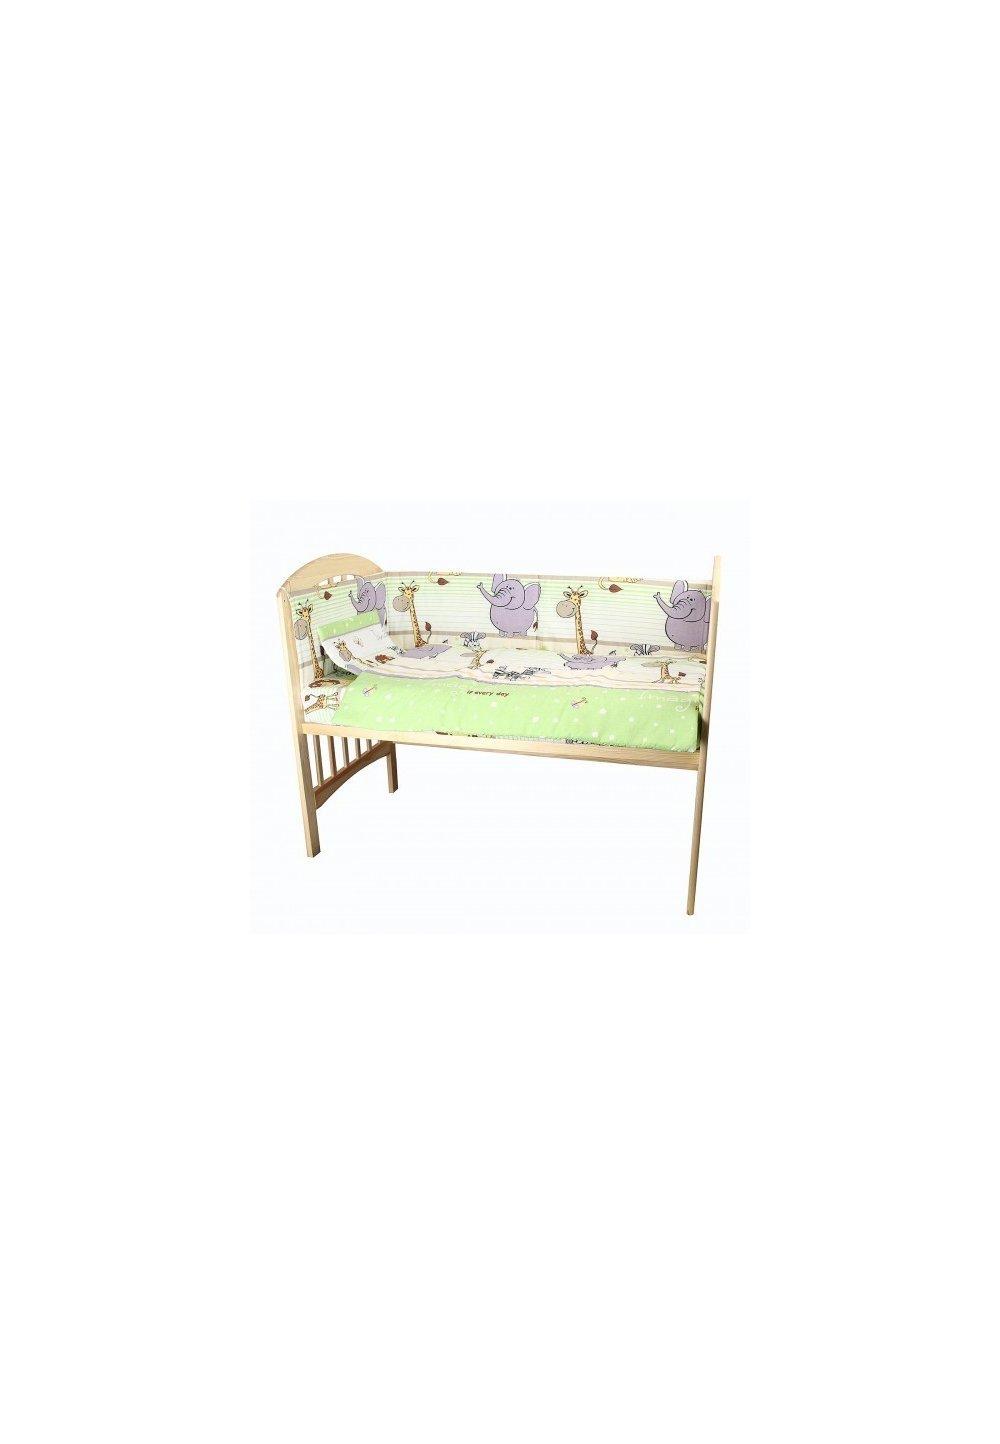 Lenjerie patut, 5 piese, Safari verde, 140x70 cm imagine